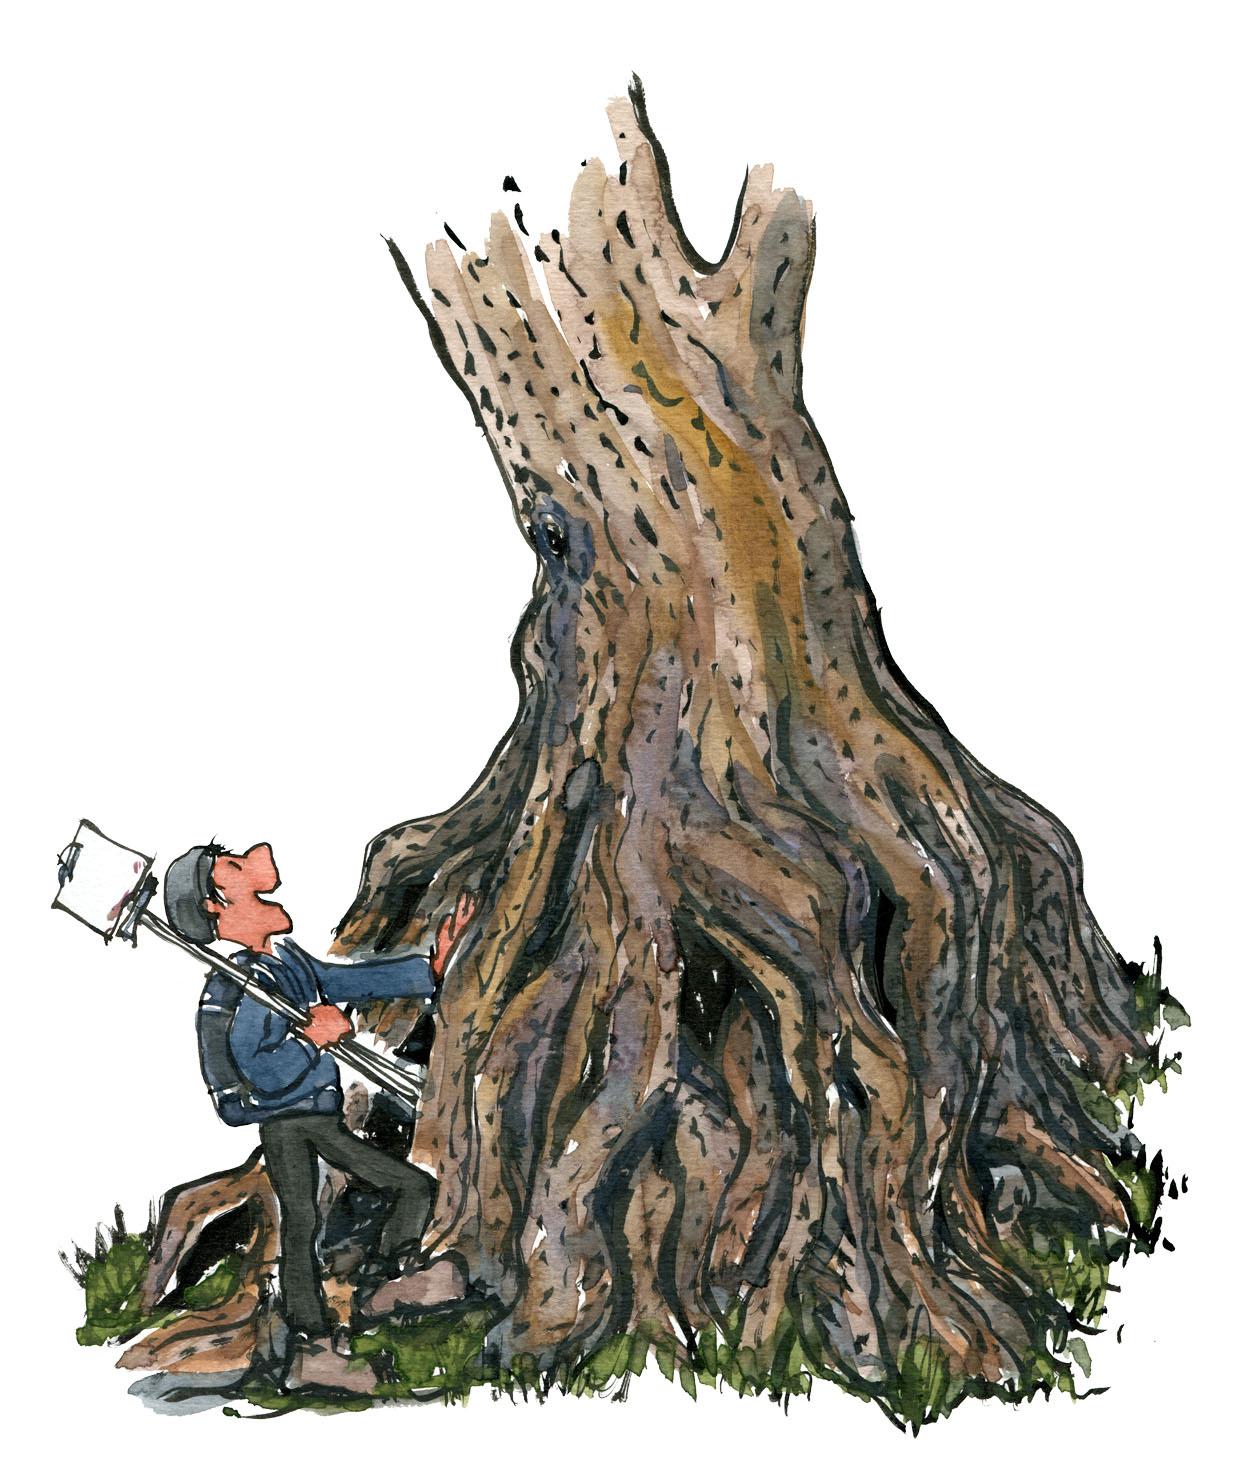 Tegning af vandrer med stafeli foran et stort træ med mange rødder. Tegning af Frits Ahlefeldt